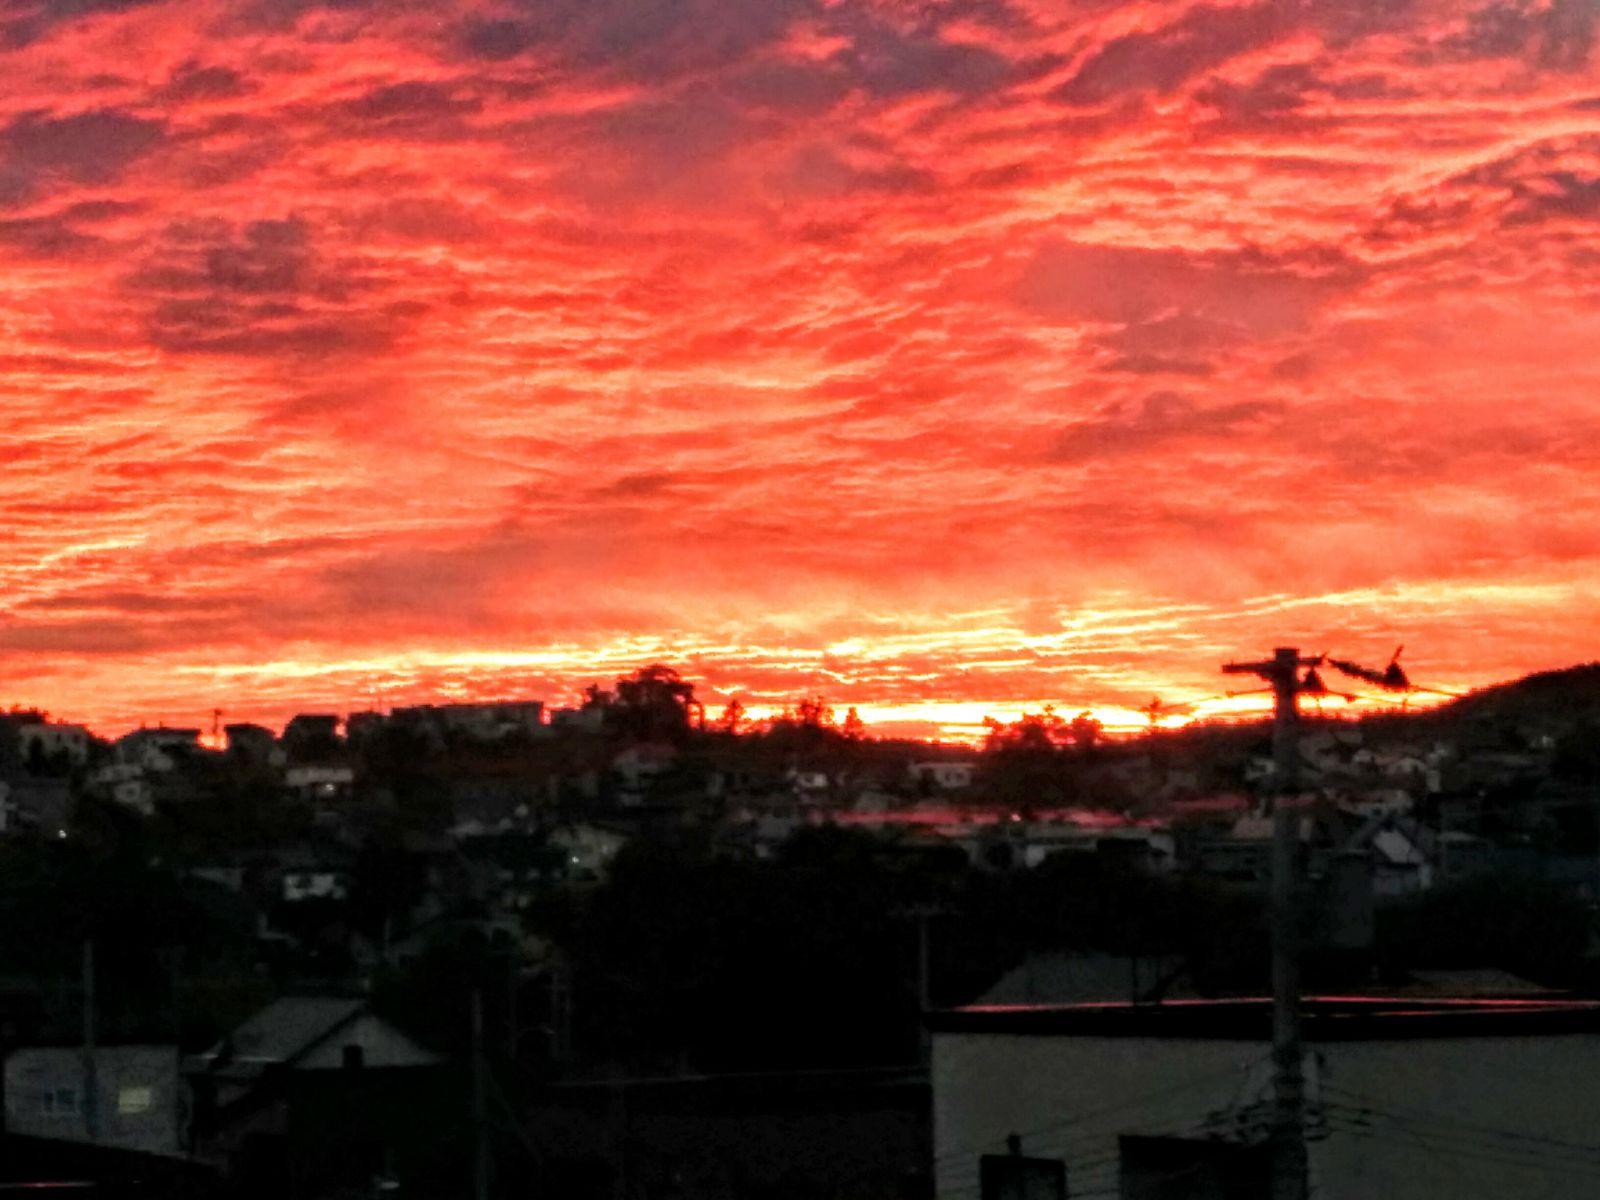 【小樽市】自宅前の夕焼け観光写真です。